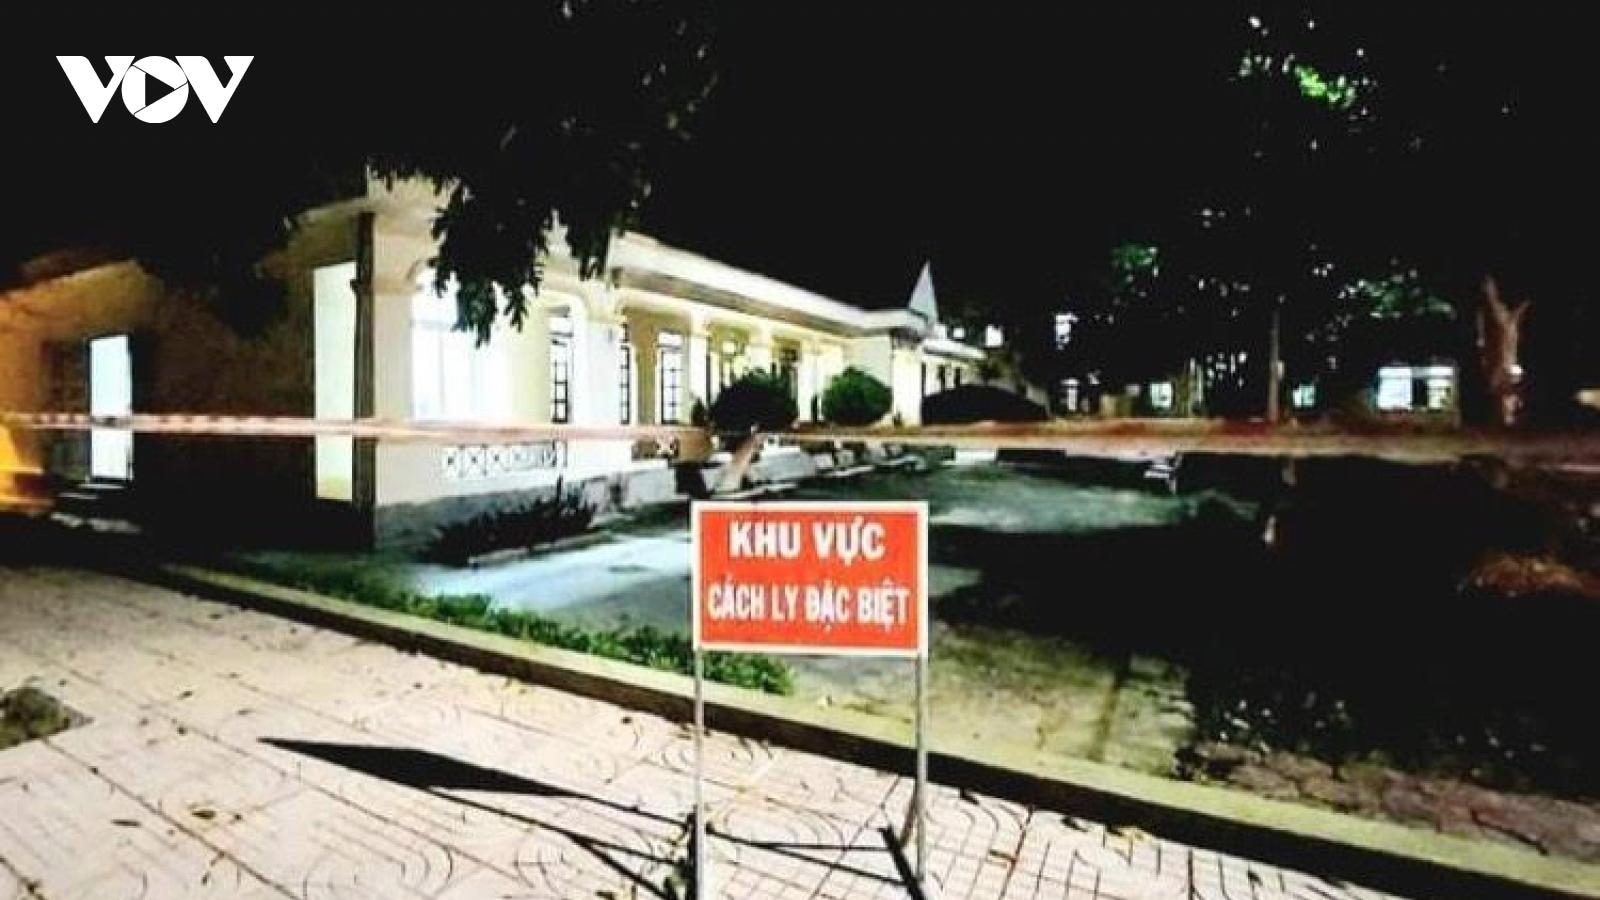 Nghệ An có 1 ca dương tính với SARS-CoV-2 trở về từ Bệnh viện Bệnh nhiệt đới Trung ương